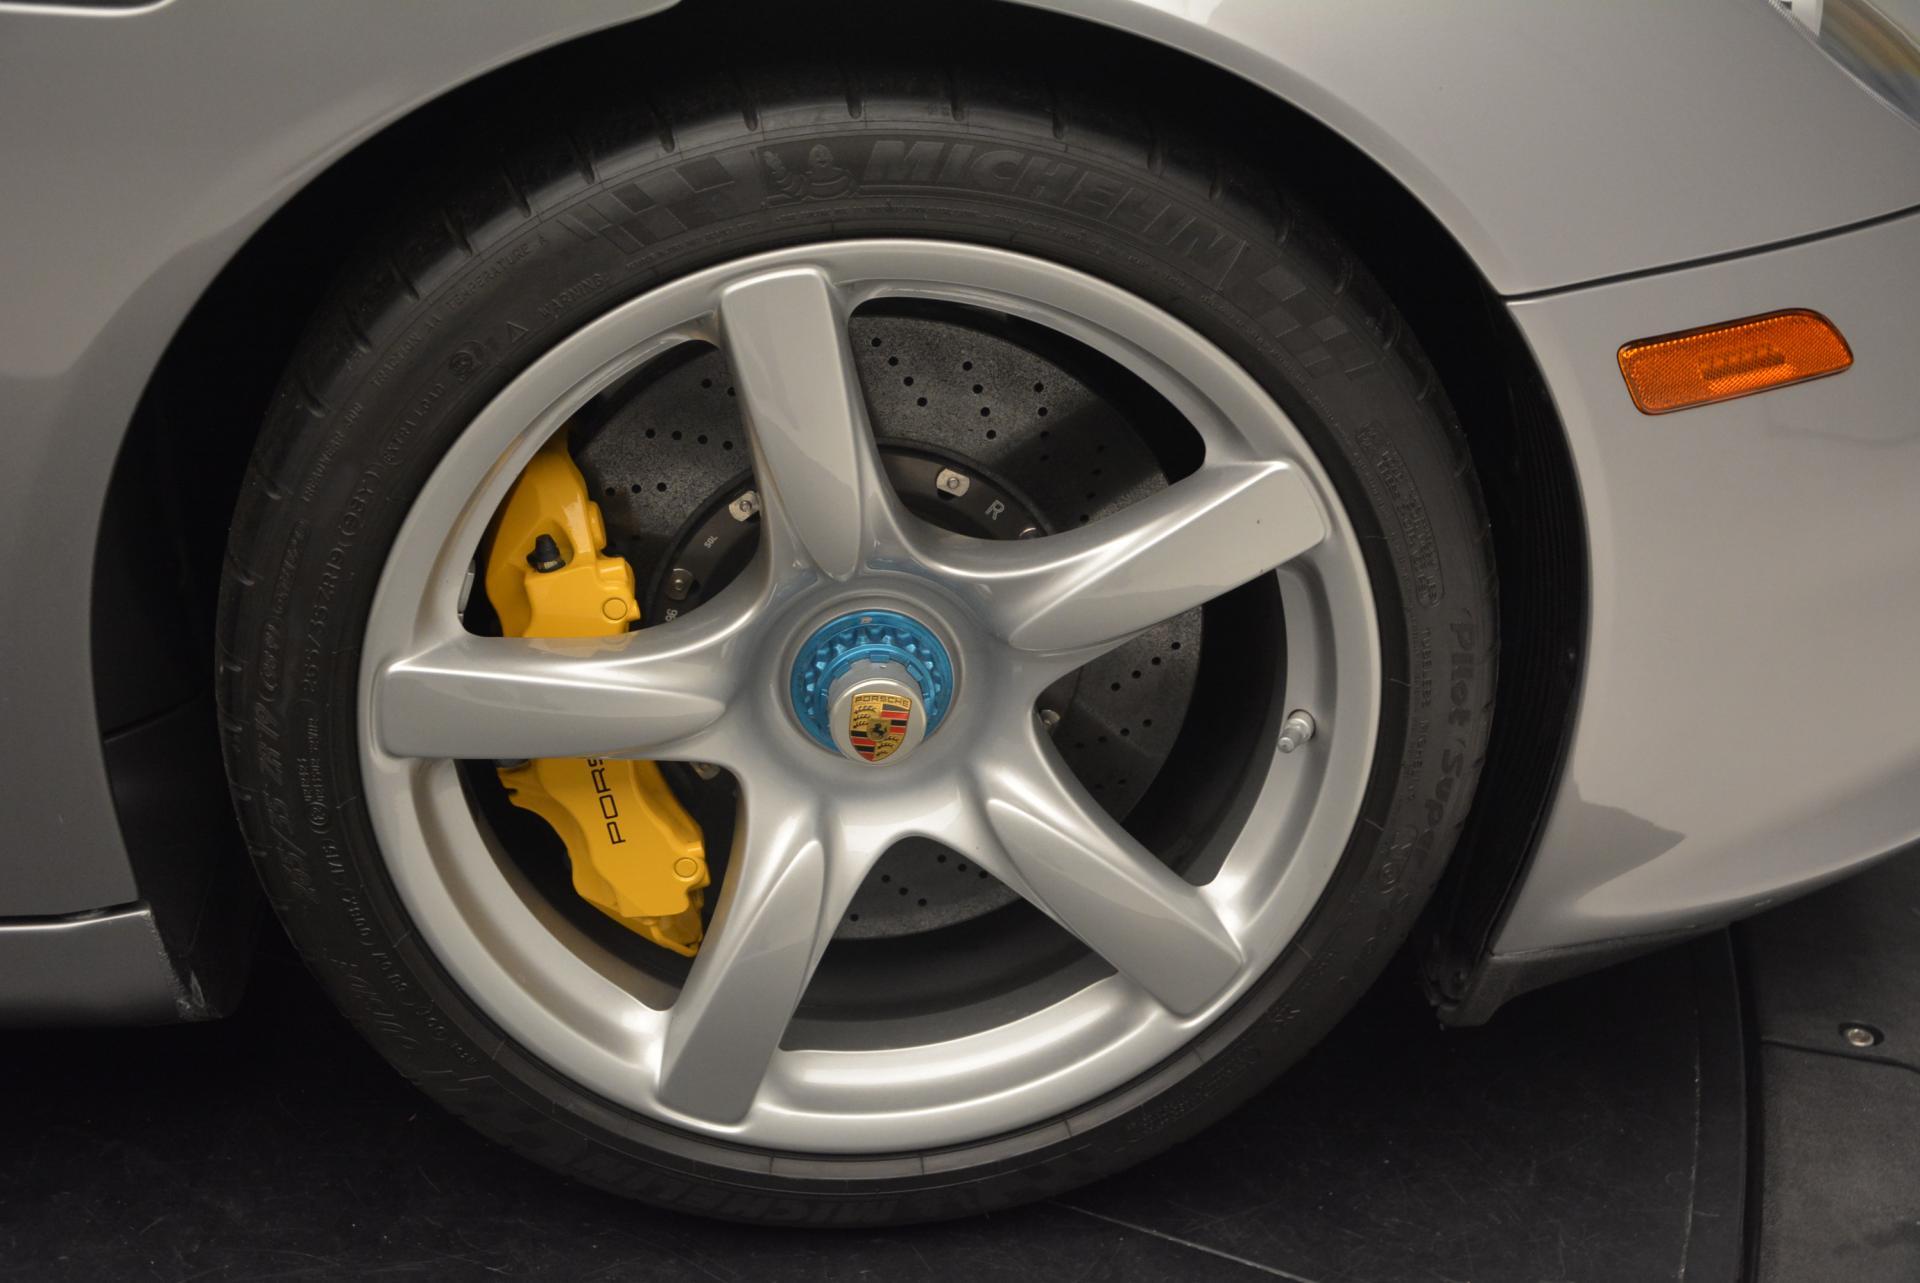 Used 2005 Porsche Carrera GT  For Sale In Greenwich, CT. Alfa Romeo of Greenwich, 7114 108_p24